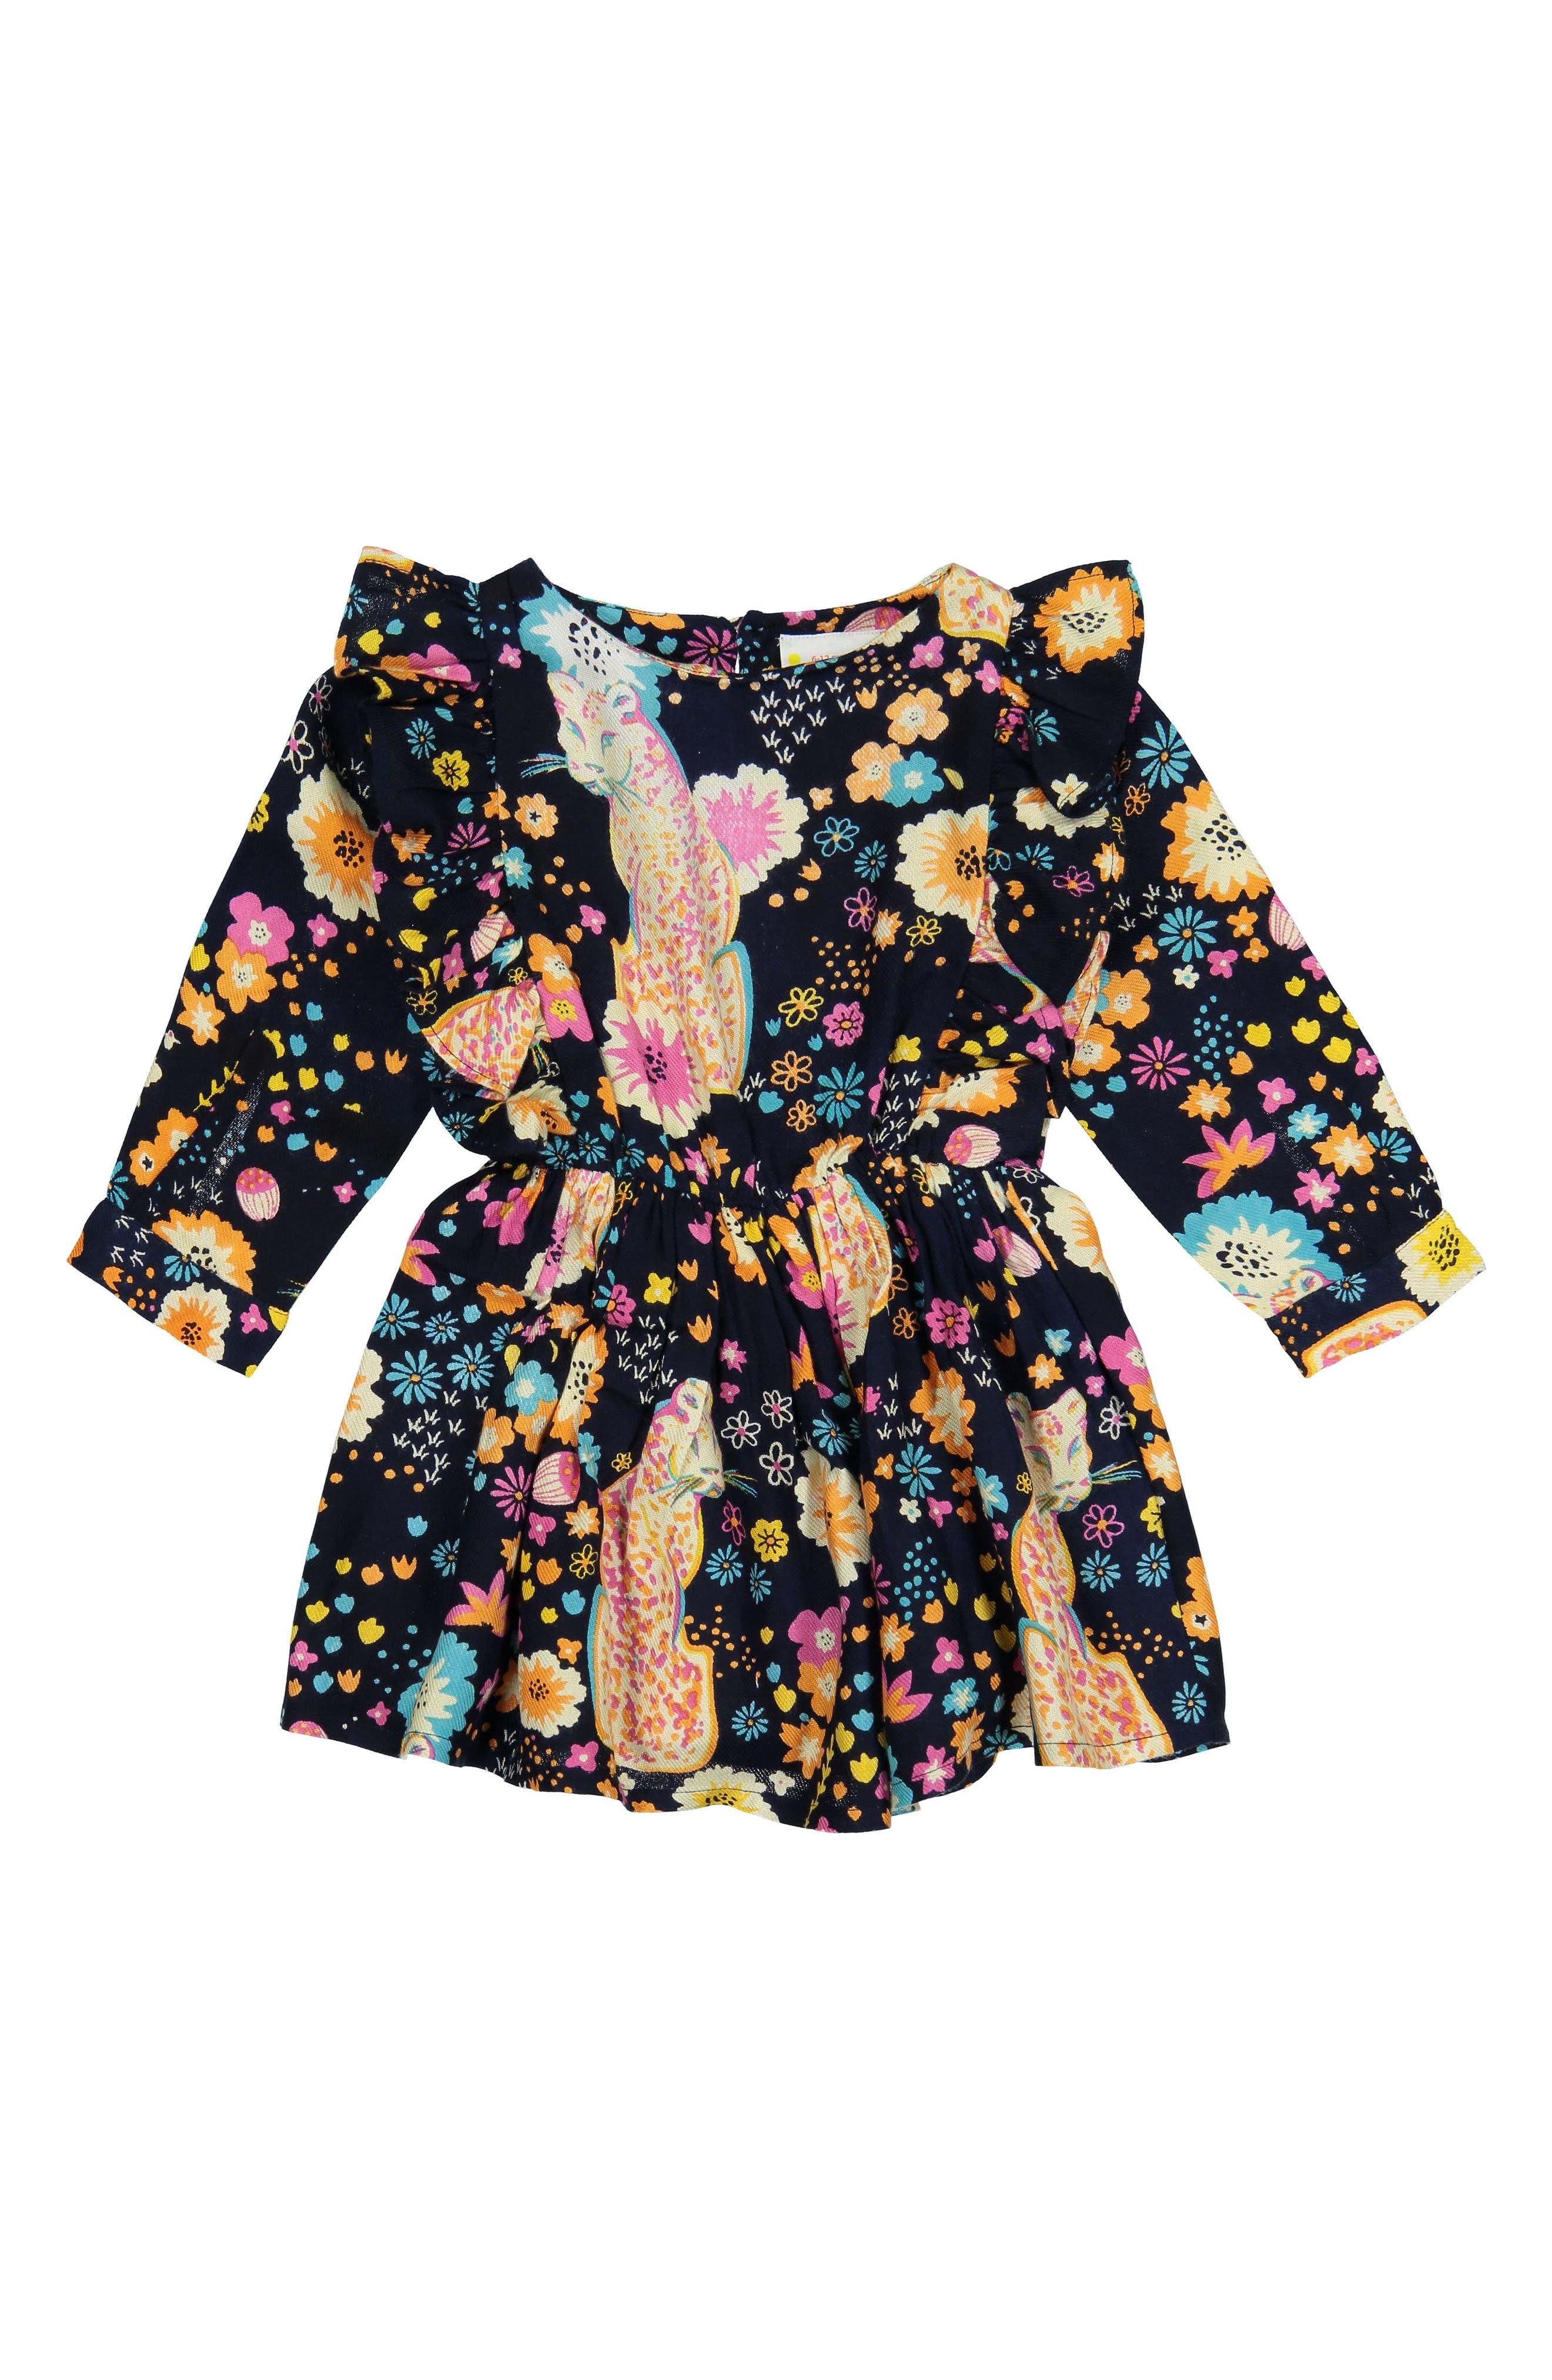 Fantasia Cheetah Dress,                         Main,                         color, NAVY